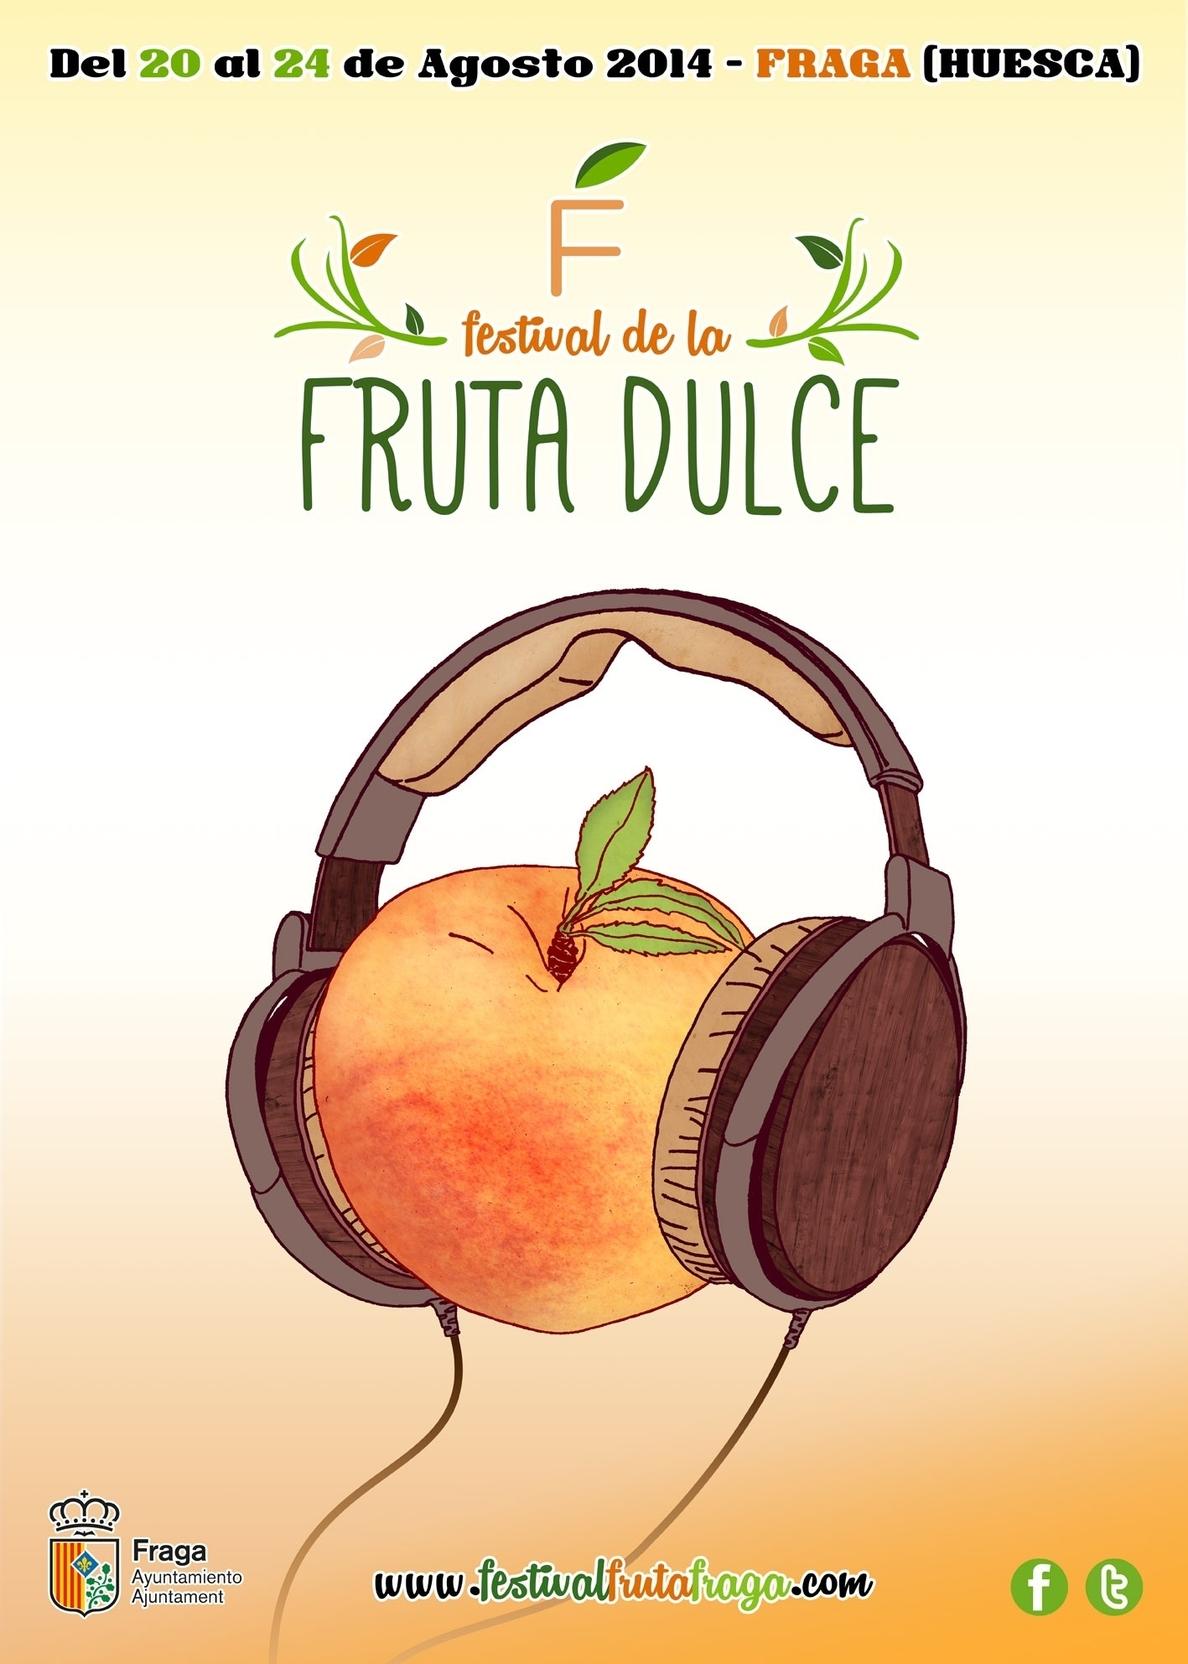 El Festival de la Fruta Dulce de Fraga arranca este miércoles con un pasacalles frutal